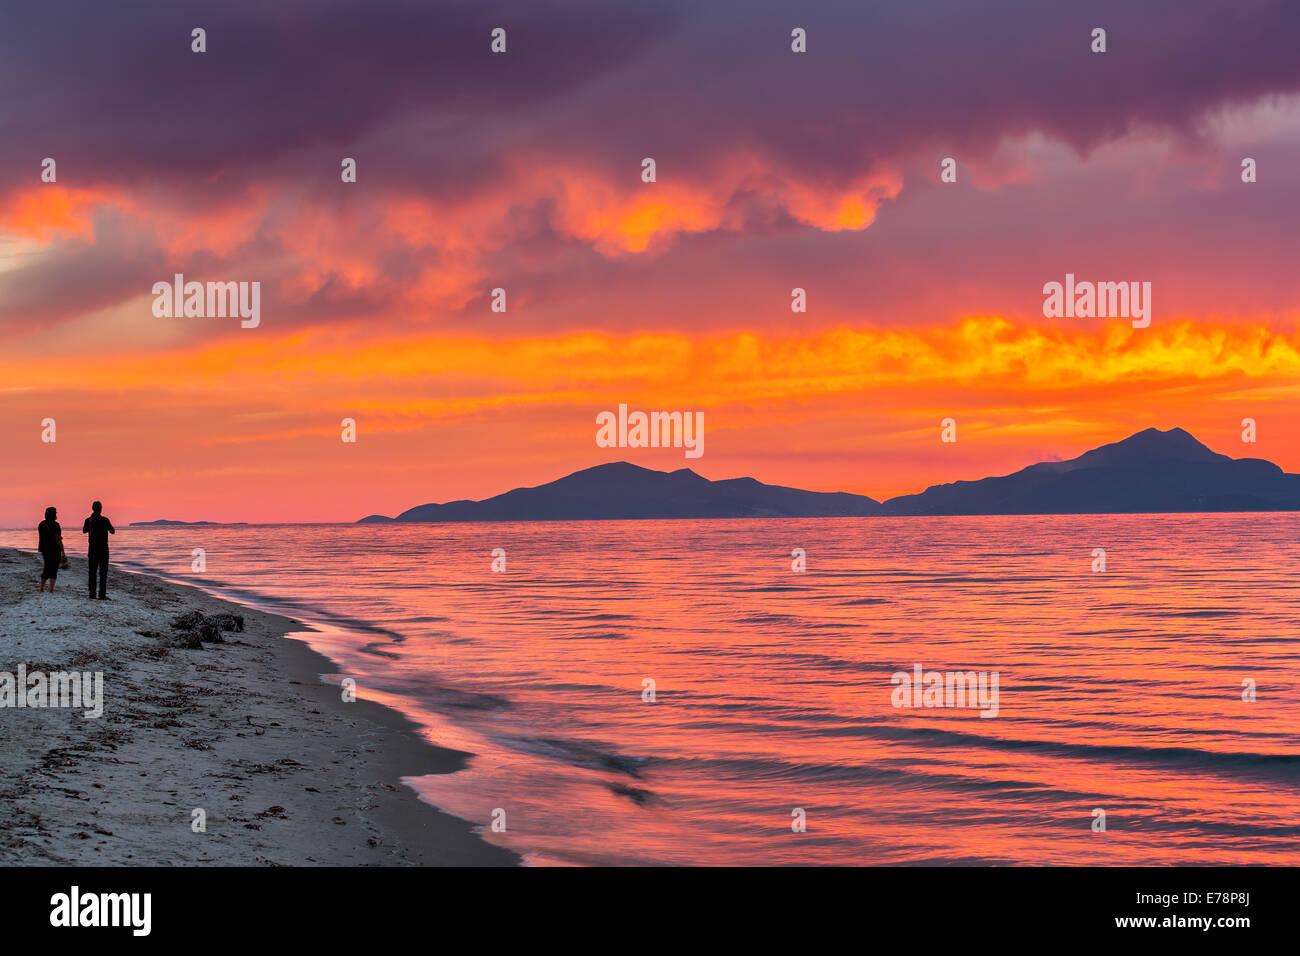 Coucher de soleil sur la mer en Grèce Photo Stock